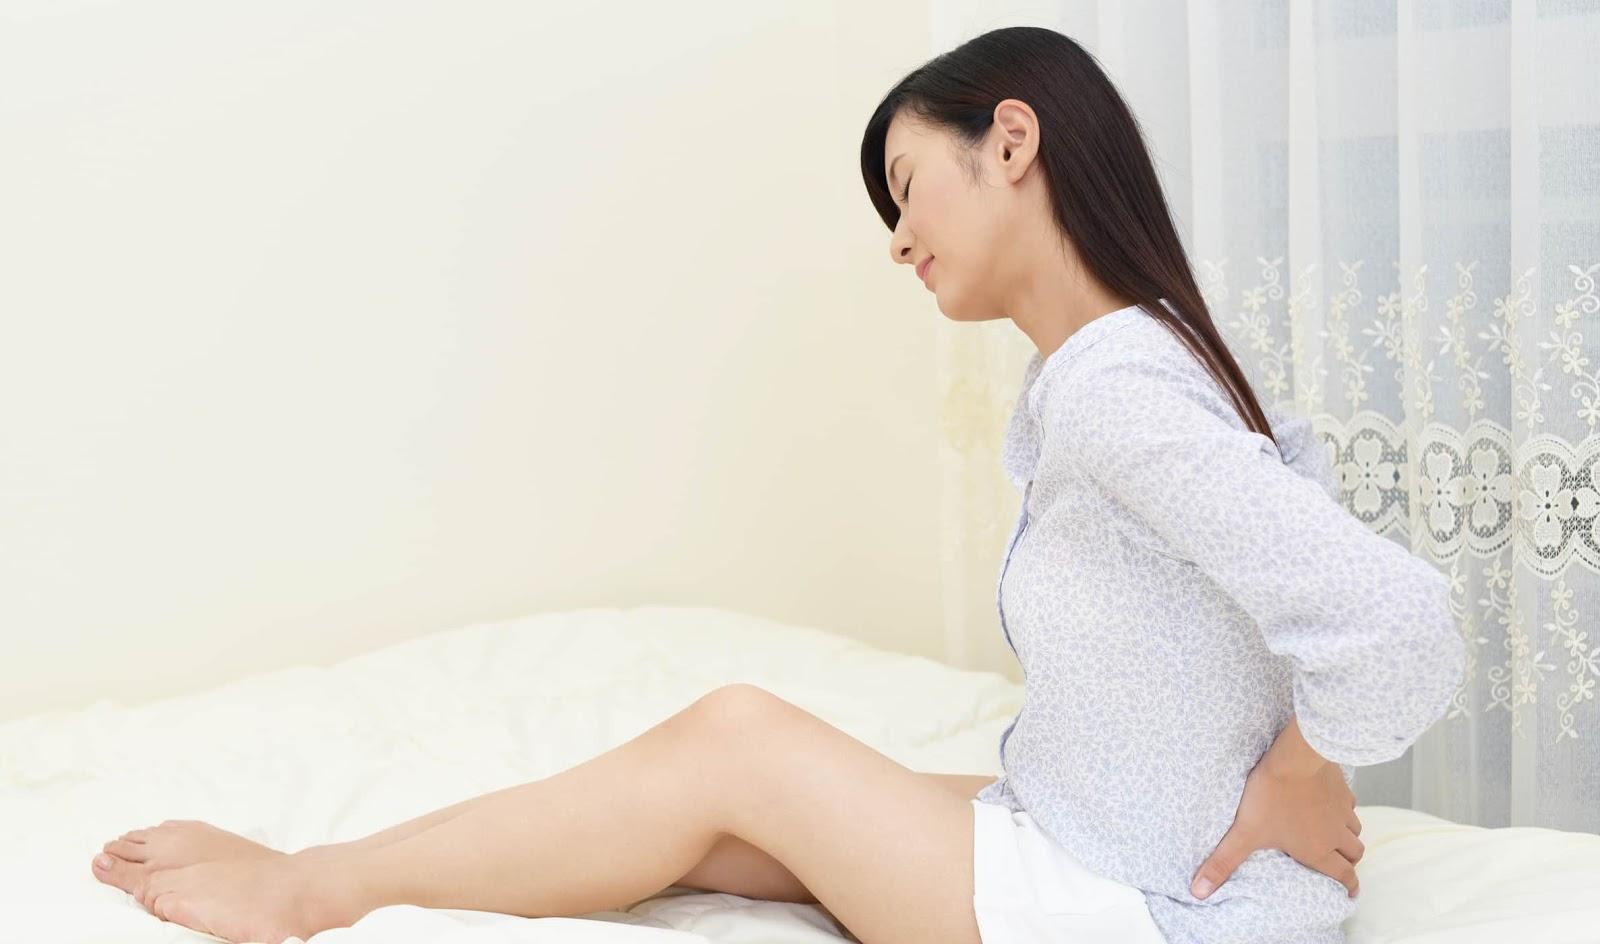 Ghế massage bảo vật chữa trị đau lưng sau sinh cho phụ nữ